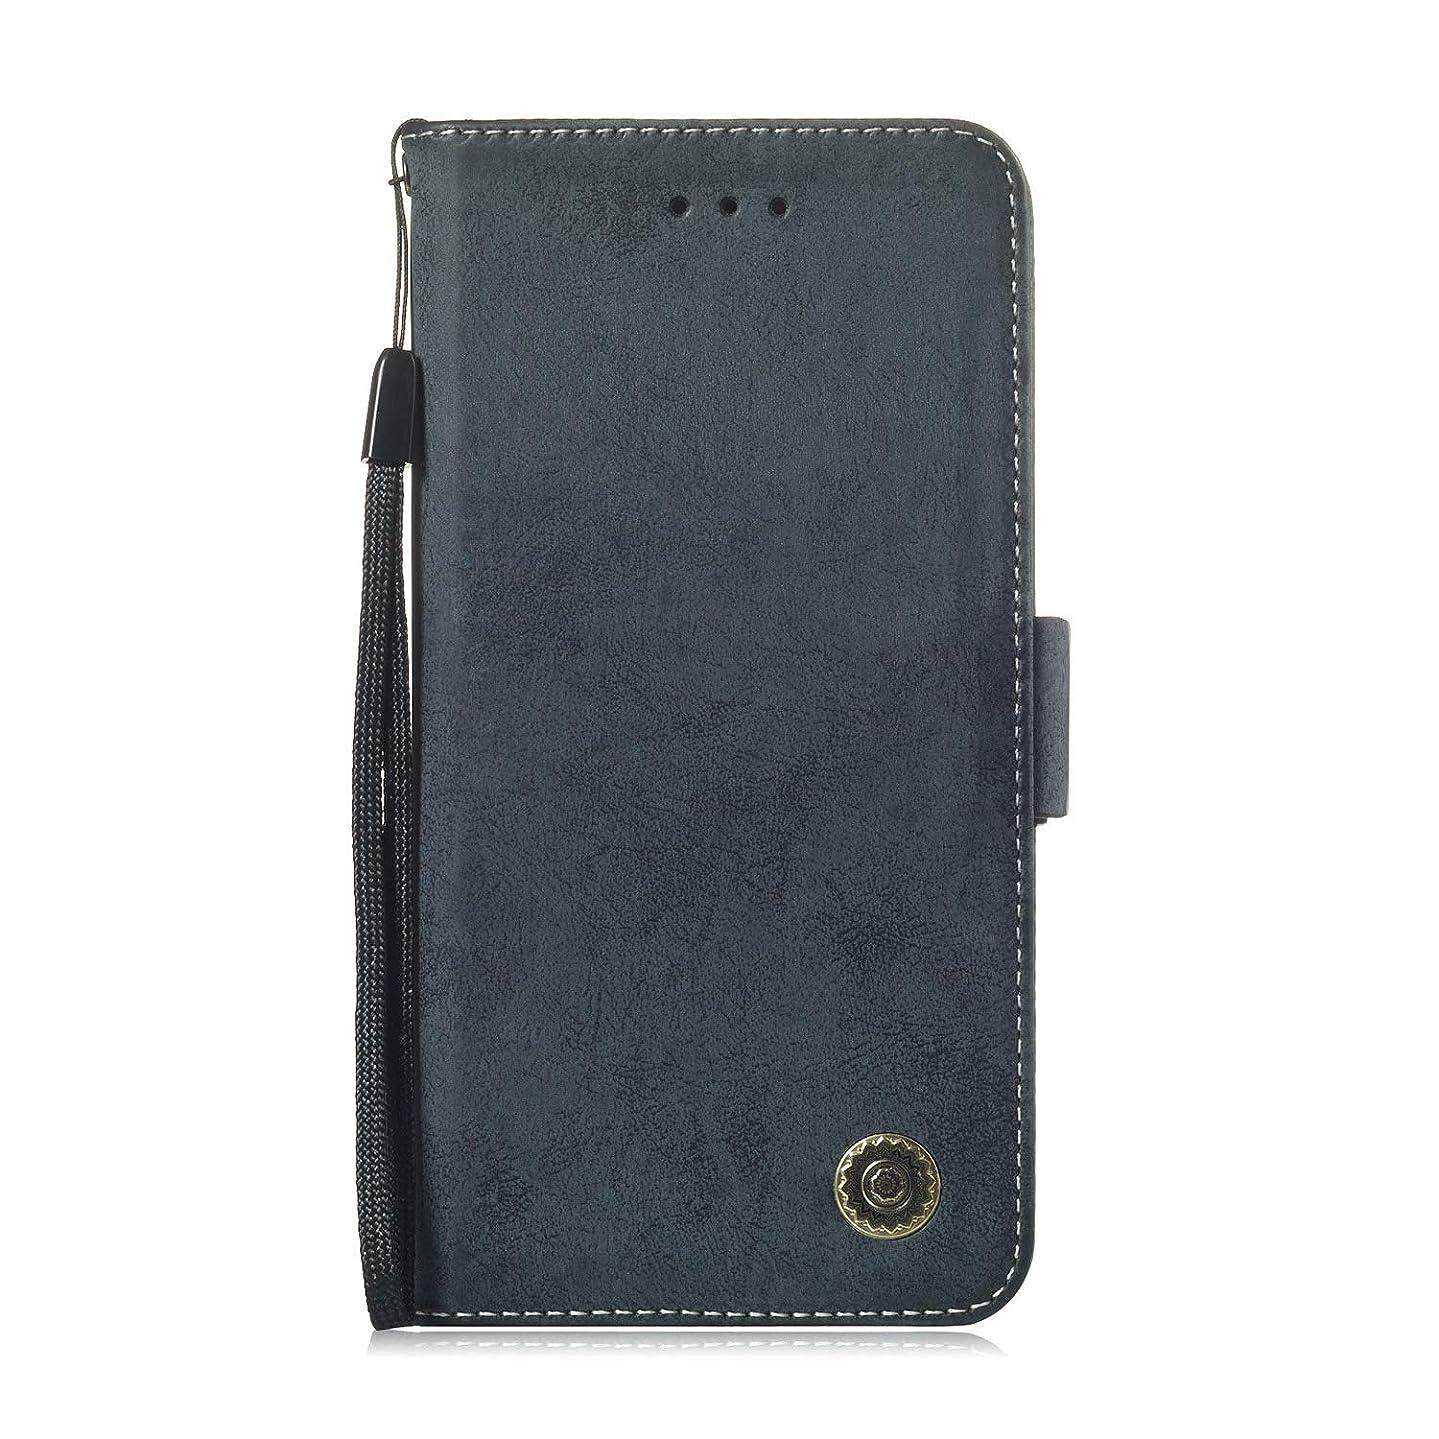 加入順番タワーZeebox? iPhone XS Max 手帳型ケース iPhone XS Max 手帳型カバー 財布型 合皮PUレザー マグネット式 保護ケース カード収納 スタンド 機能 (ネイビーブルー #1)